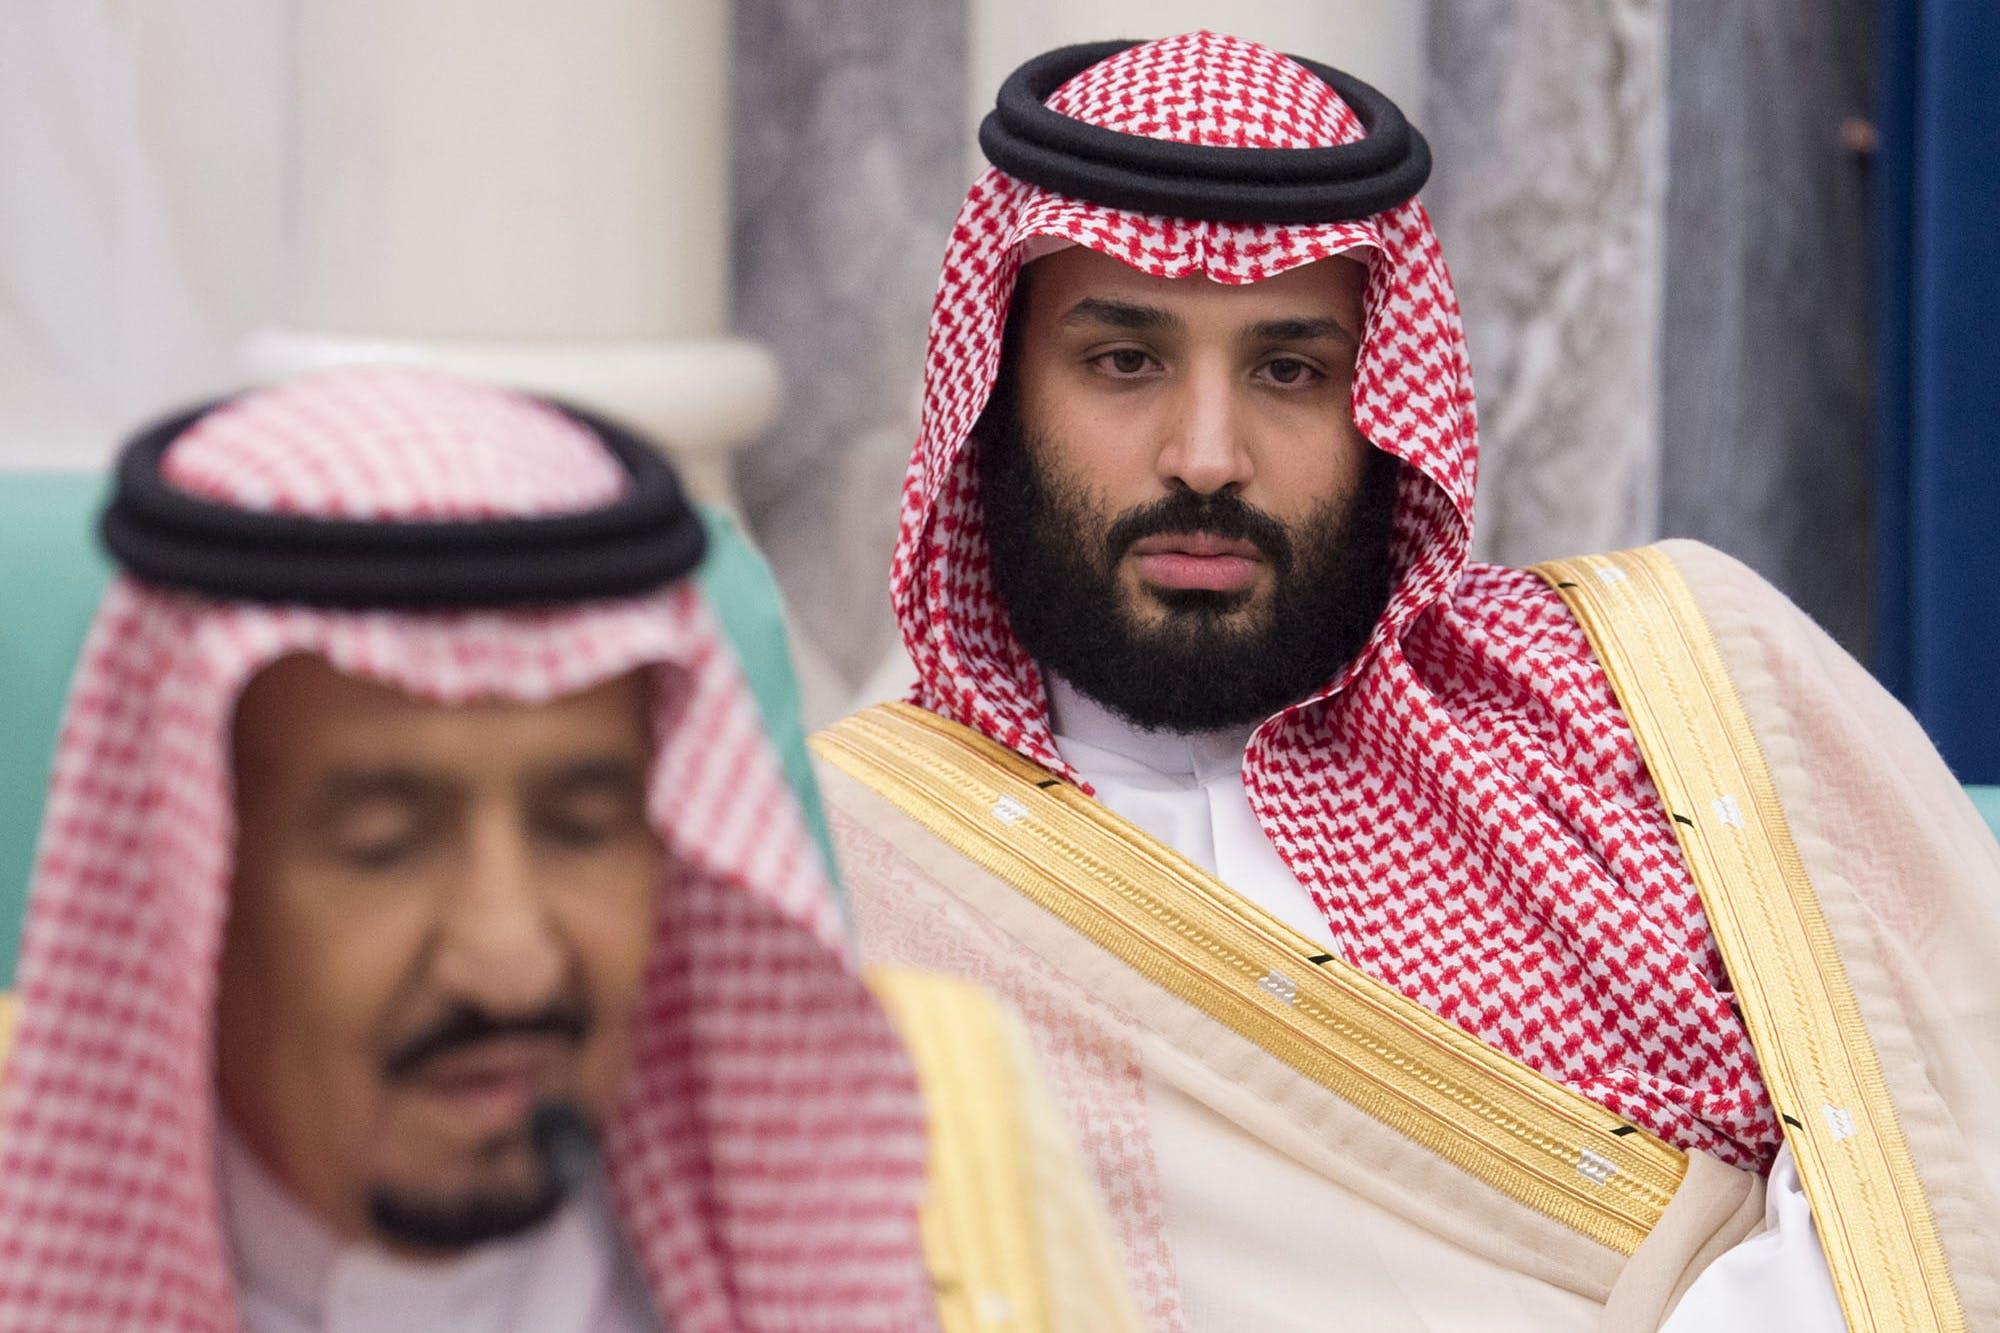 مصادر تفجر مفاجأة مدوية.. الملك سلمان يتنازل عن العرش لنجله ولي العهد